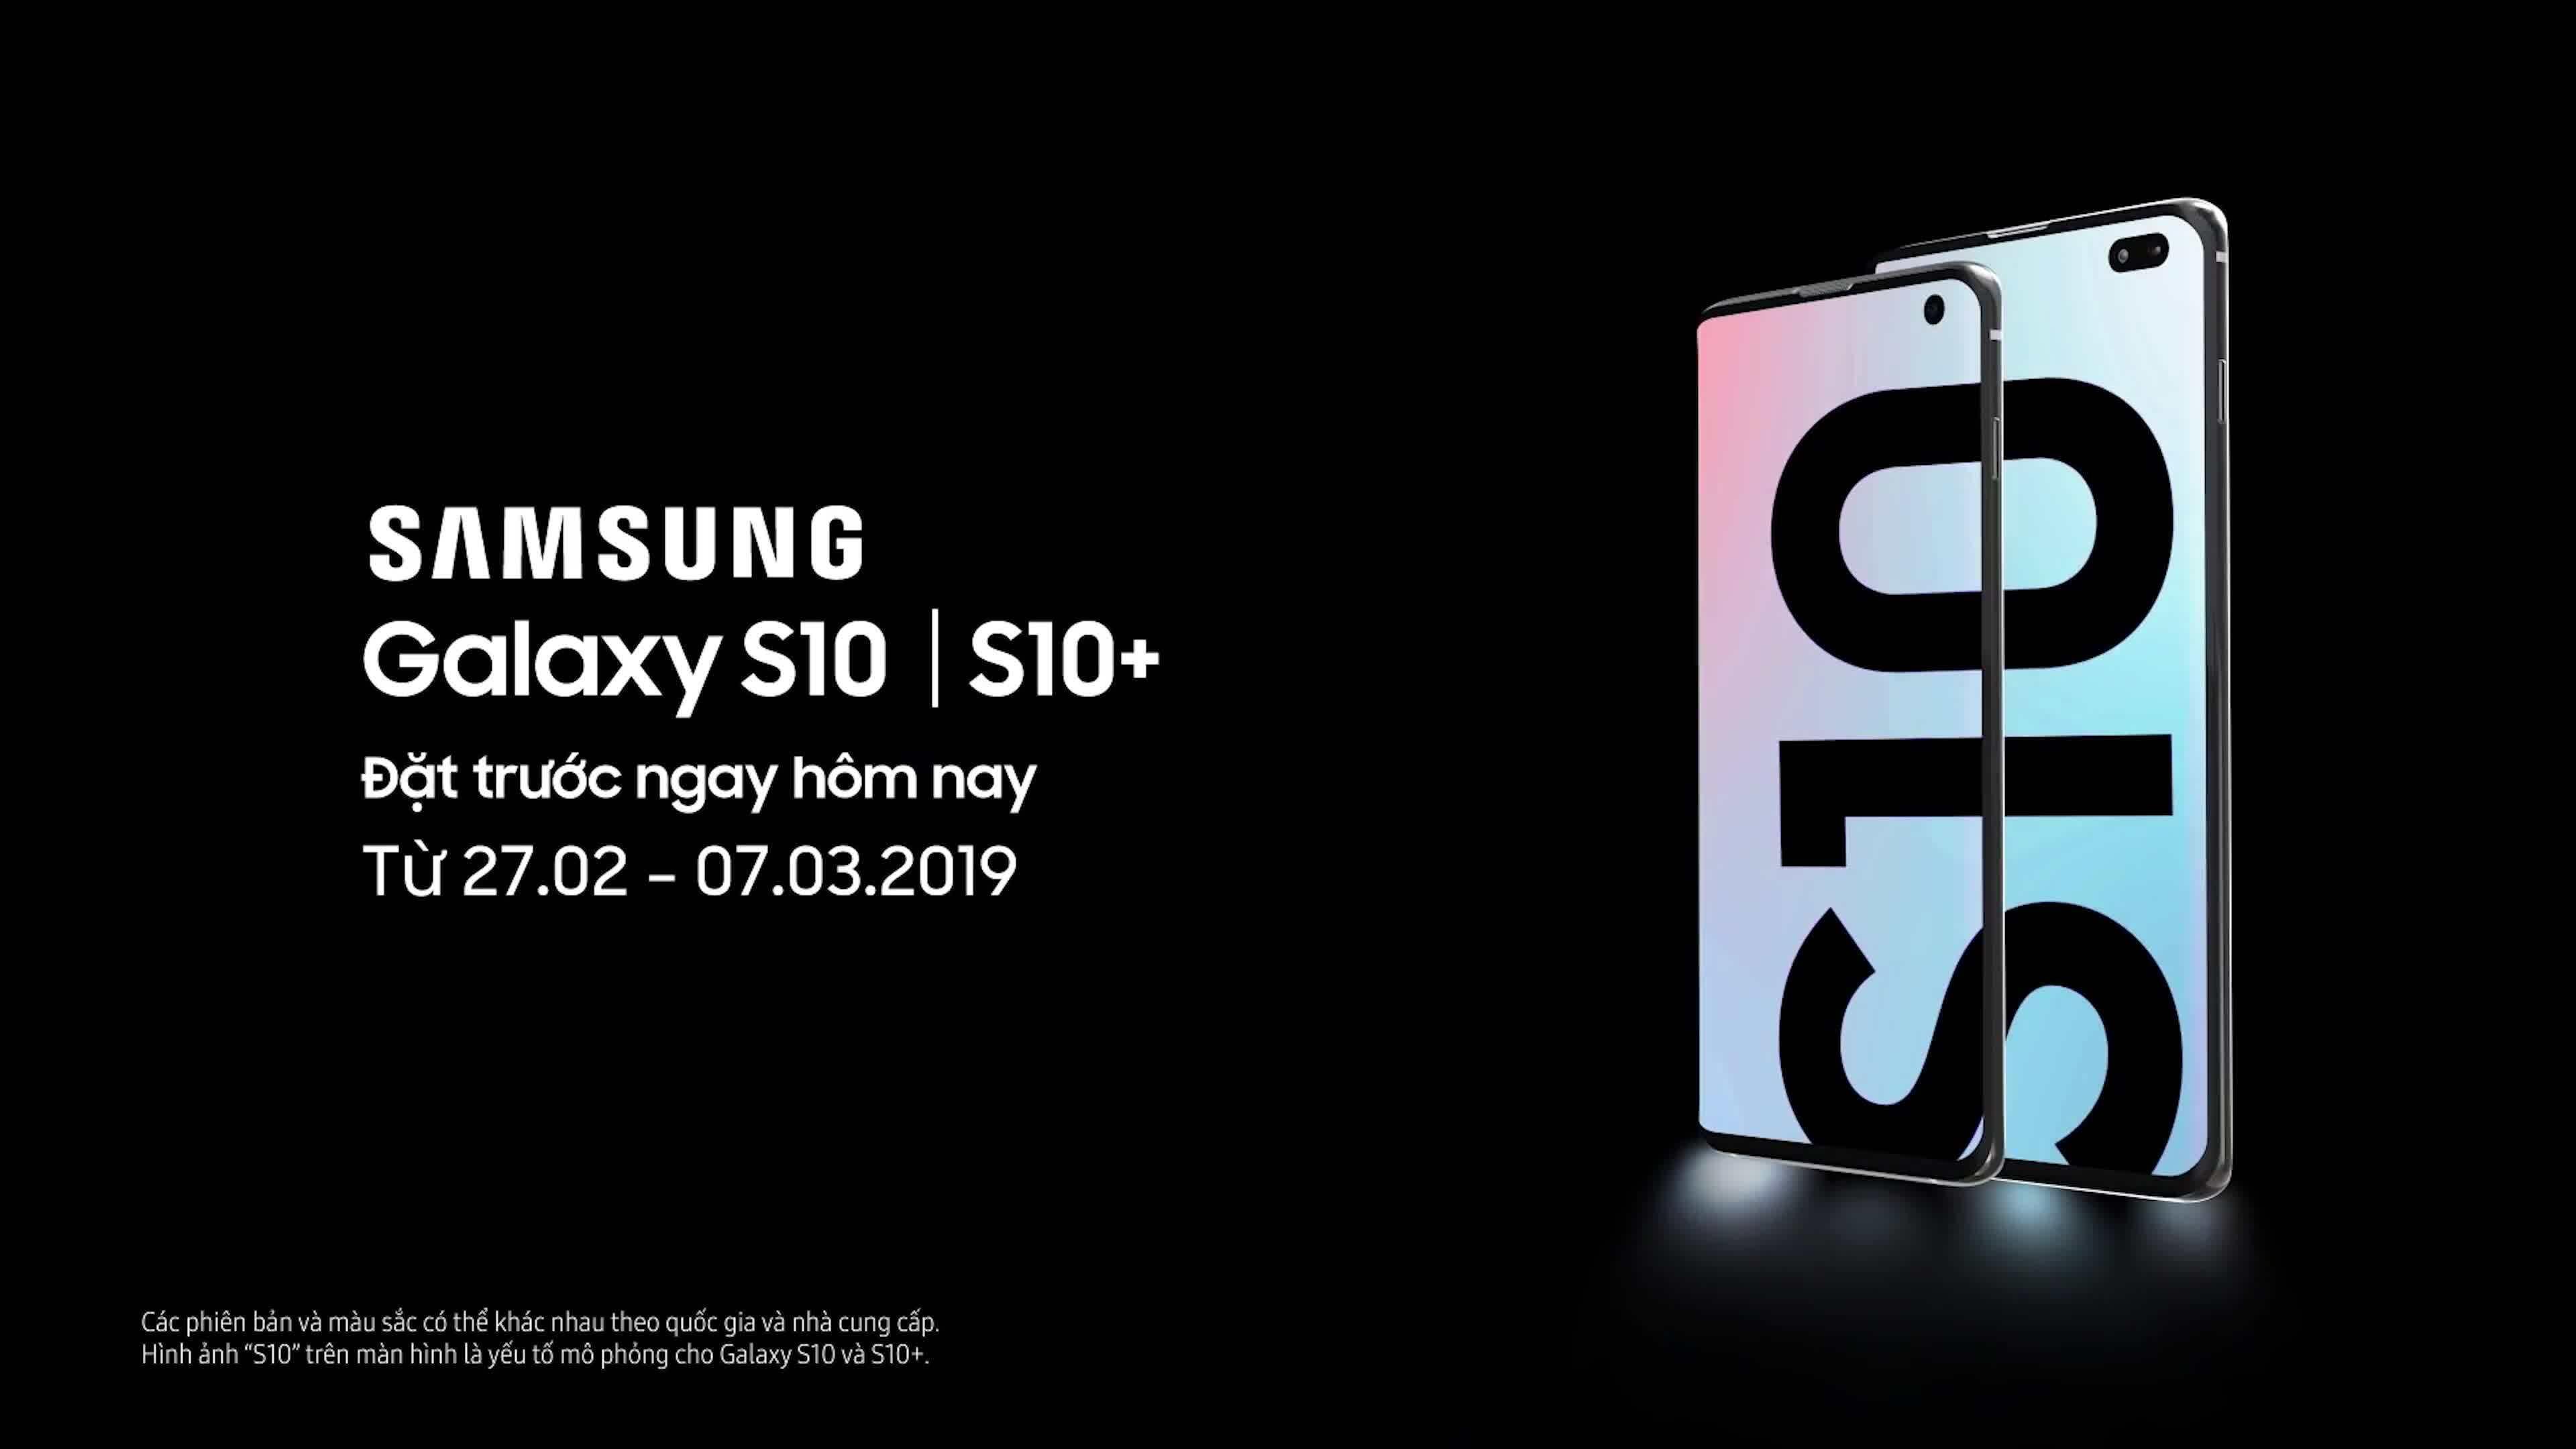 Hoàng Hà Mobile nhận đặt trước Samsung Galaxy S10/S10+